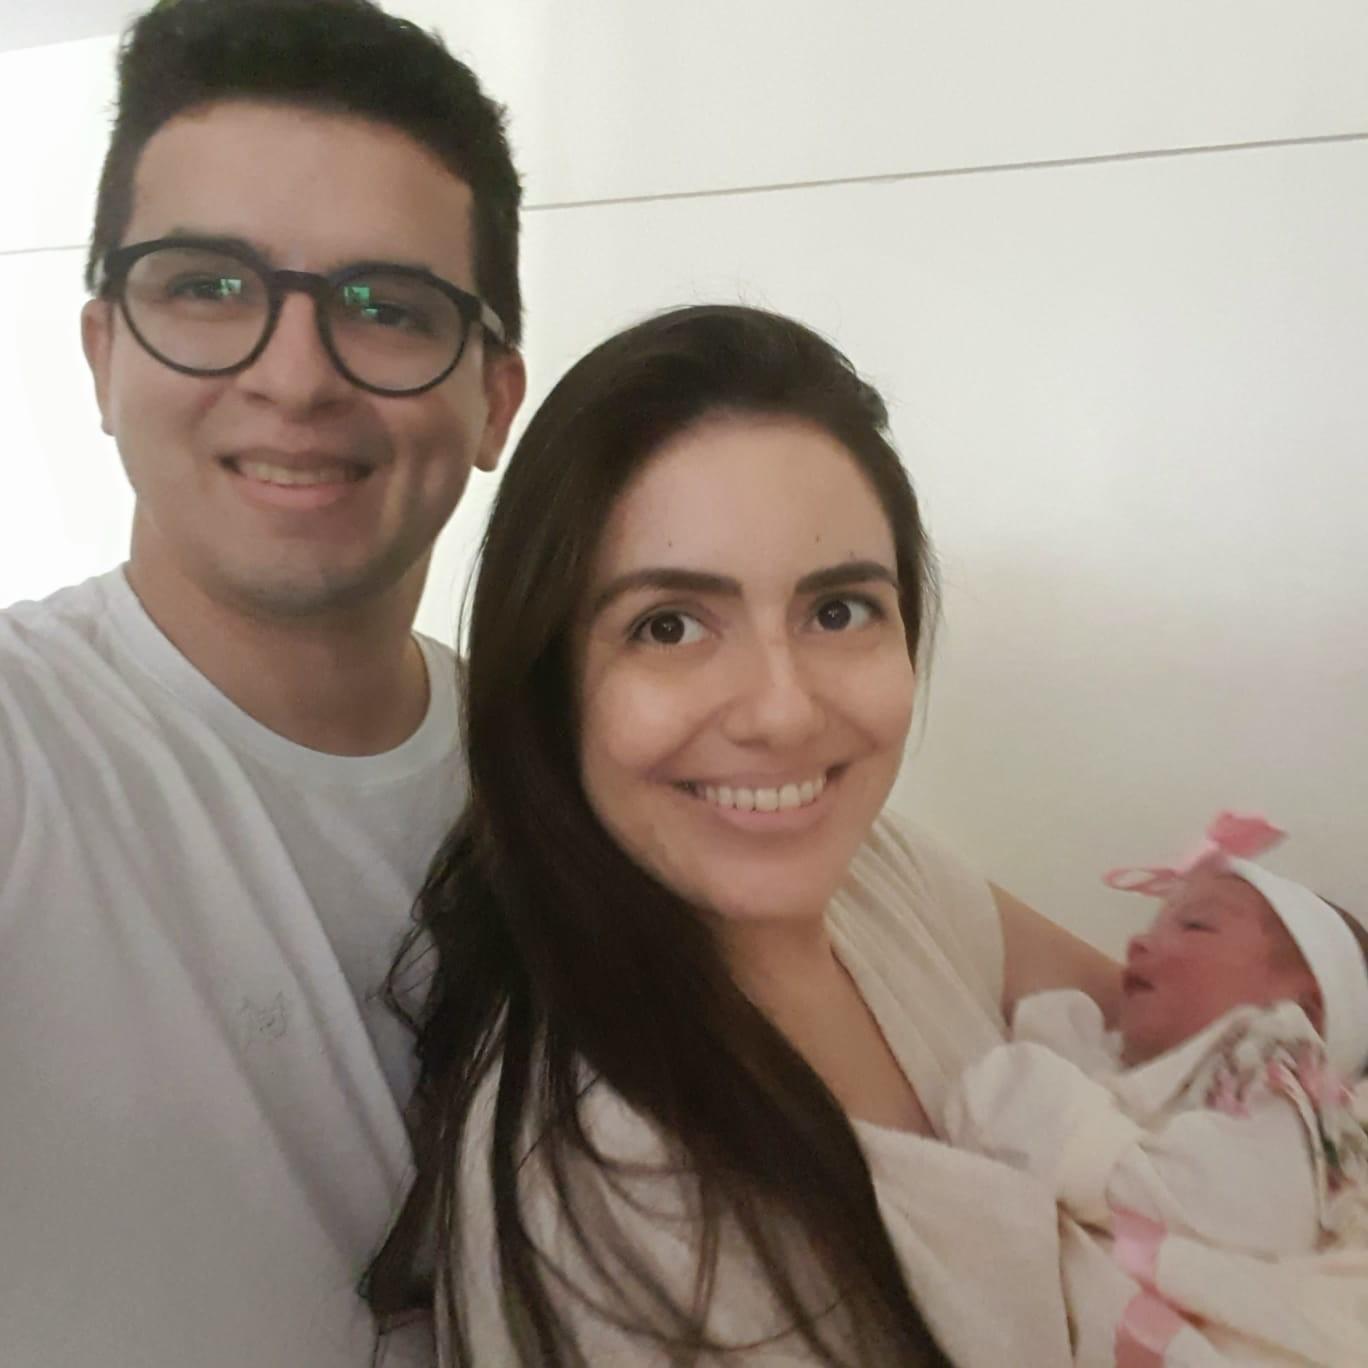 Mulher dá à luz dentro de elevador de condomínio da Grande Natal: 'Quando eu vi já estava nascendo', diz o pai